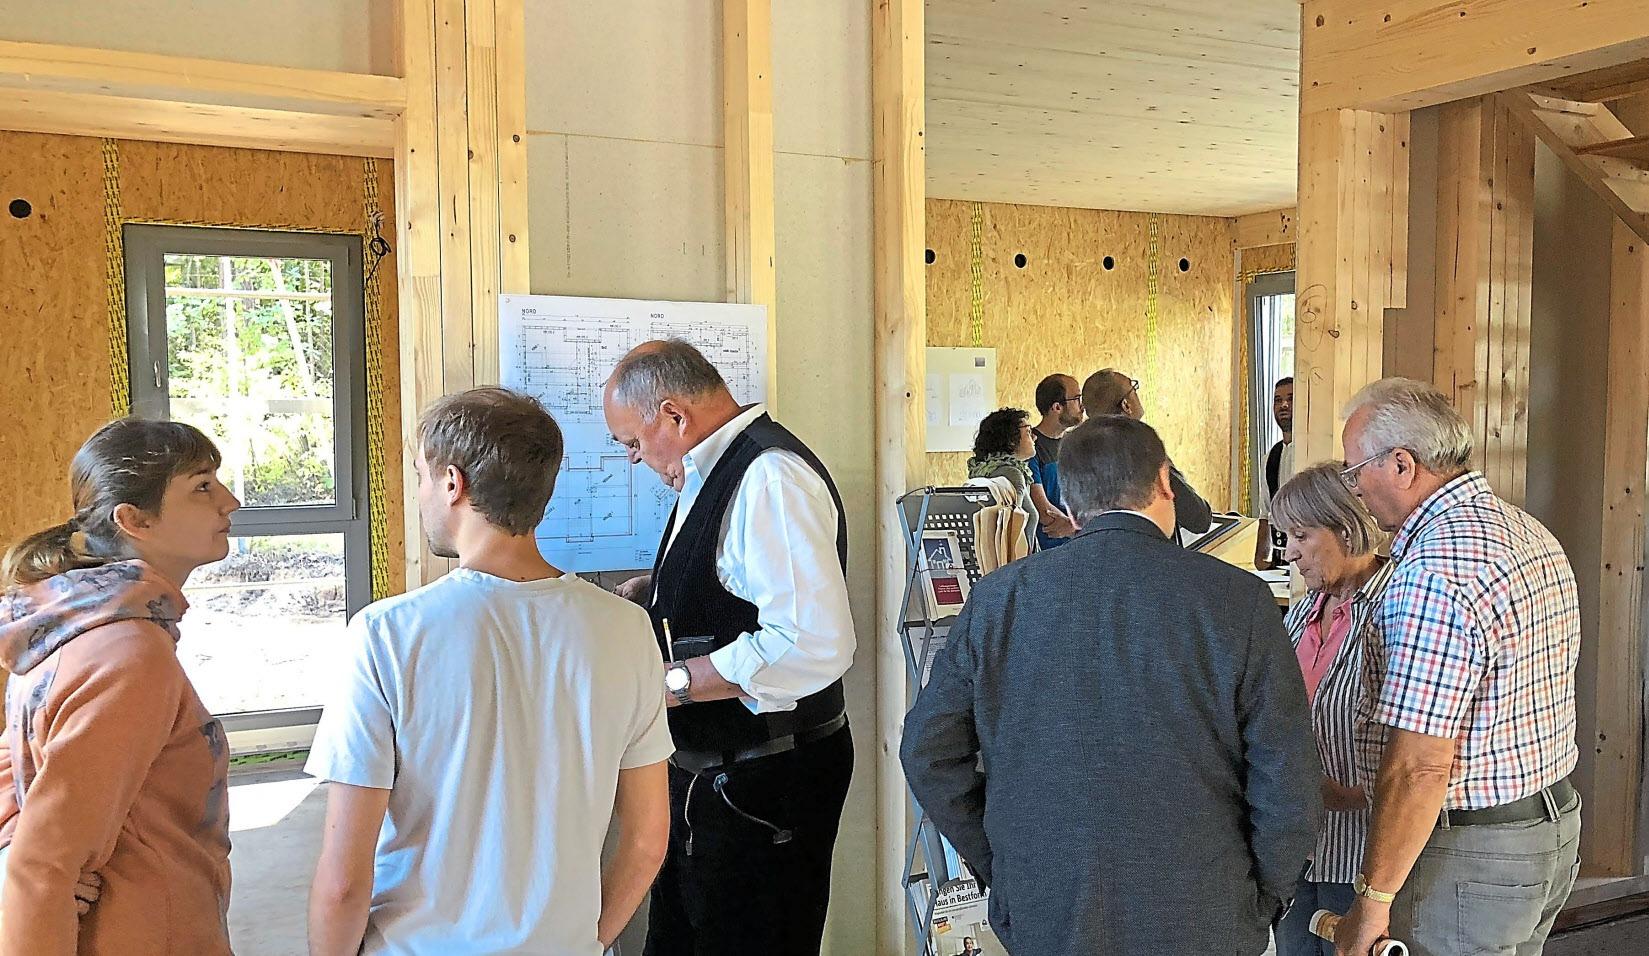 Für Fragen und Antworten rund um energieeffizientes Bauen mit Holz standen Zimmerermeister der Zimmerei Treiber sowie das Team der ENA – unabhängigen EnergieBeratungsAgentur GmbH – des Landkreises Roth zur Verfügung. Foto: ENA